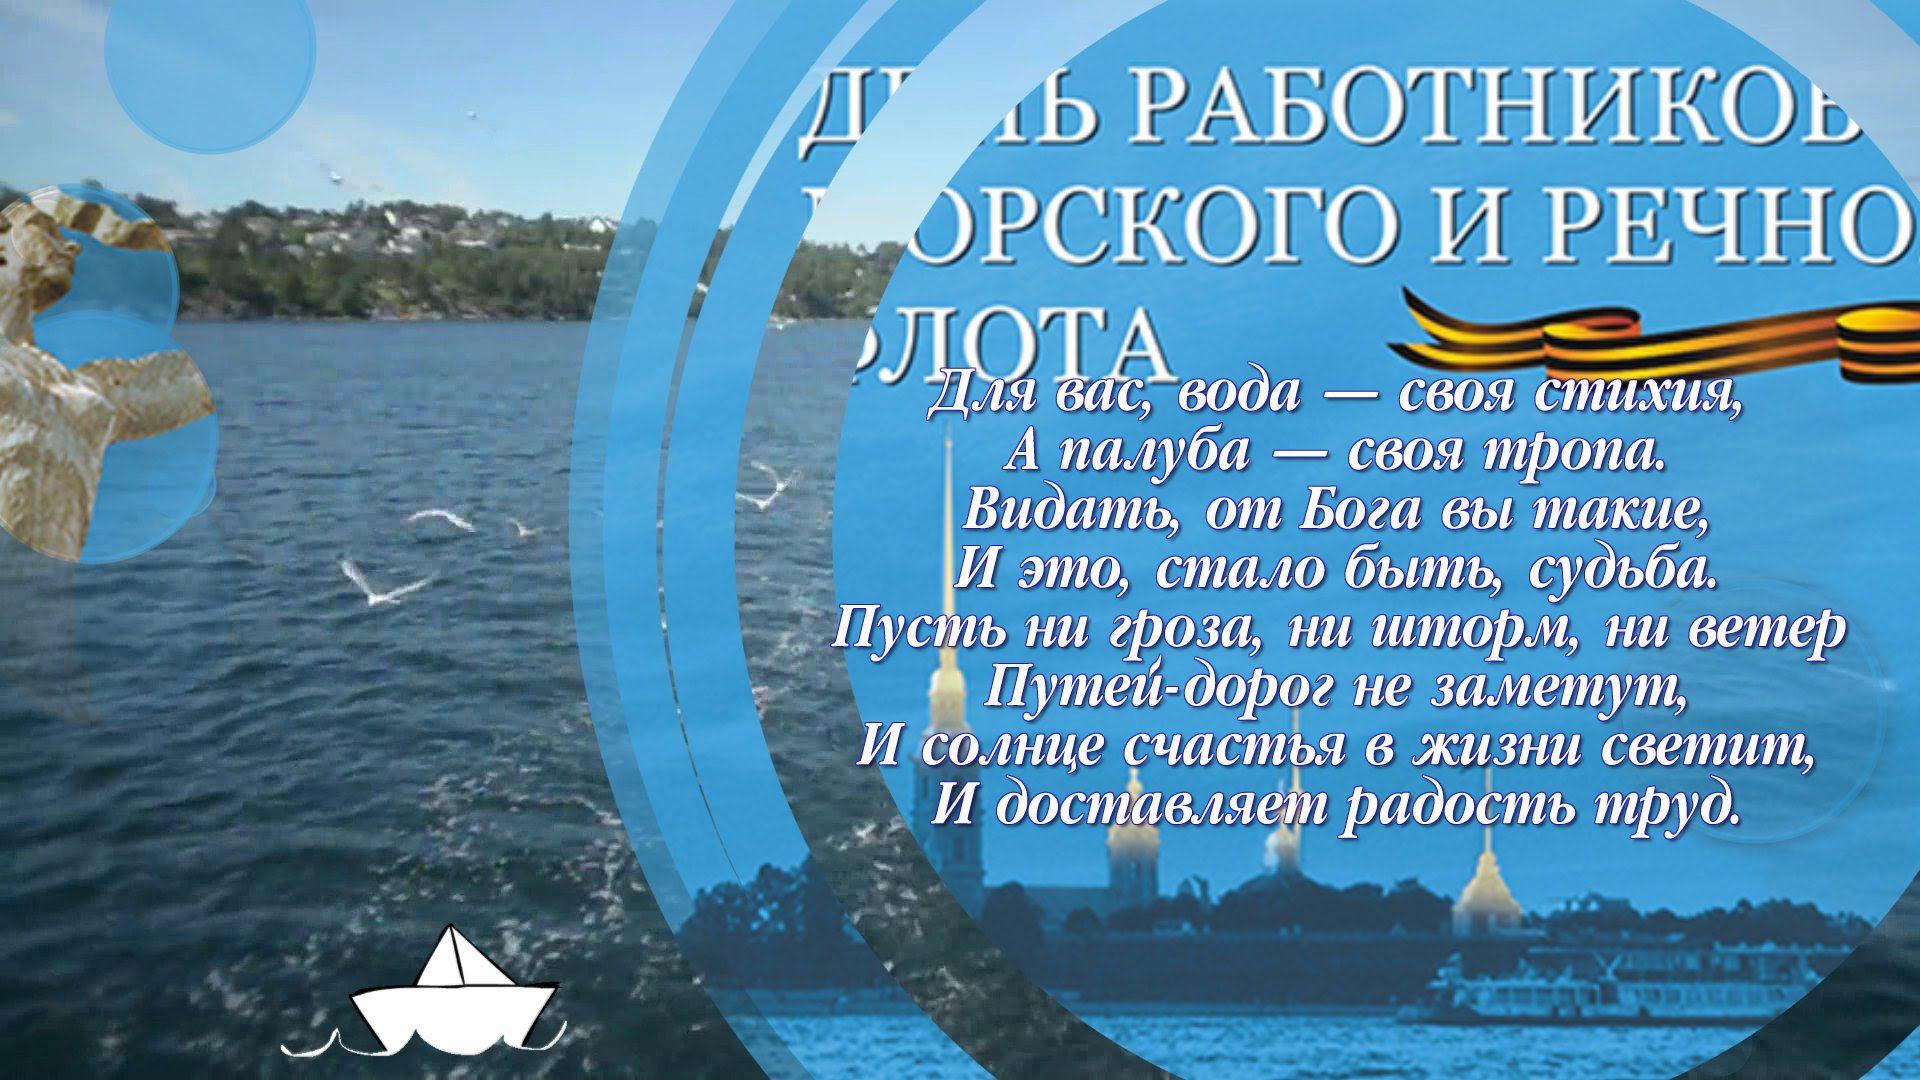 открытки с днем работников речного флота был первый